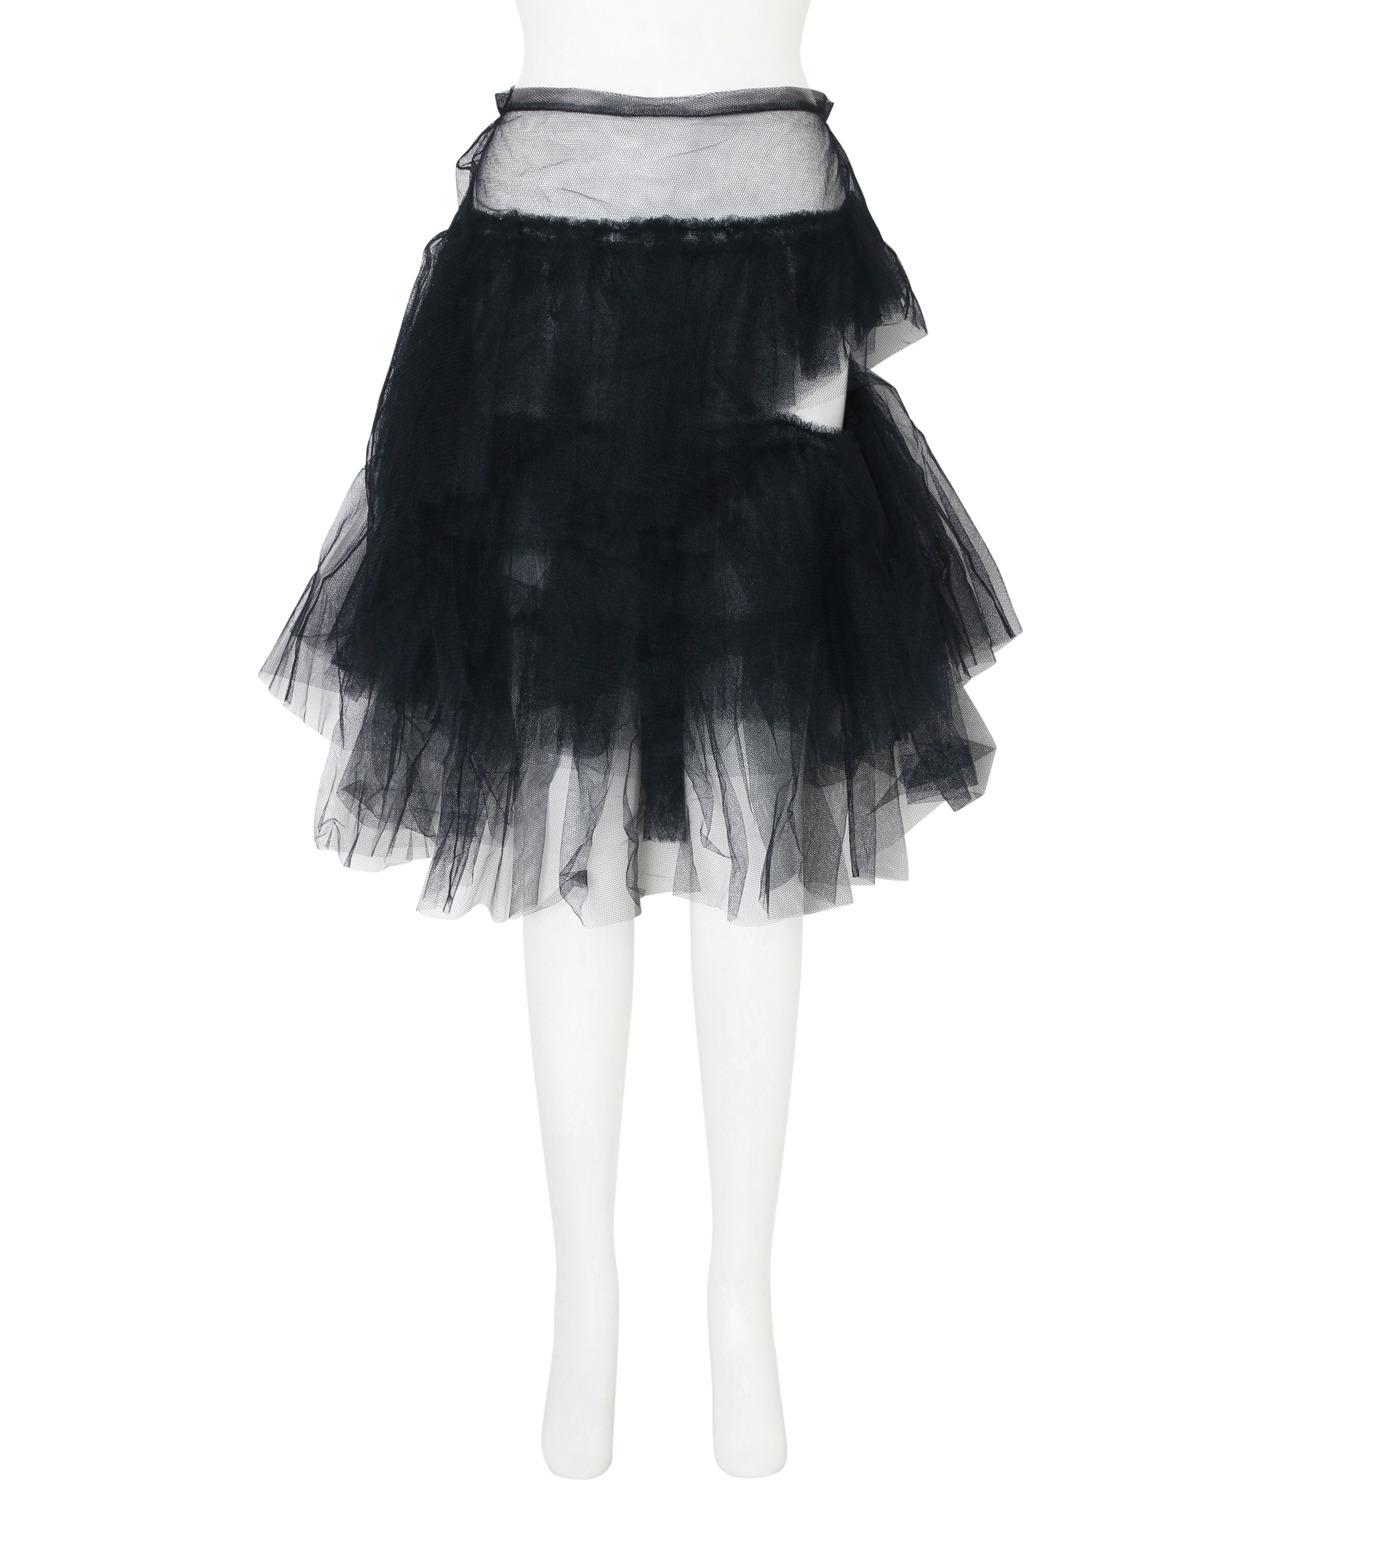 Simone Rocha(シモーネロシャ)のNet Tulle Full Skirt-BLACK(スカート/skirt)-3366-13 拡大詳細画像1